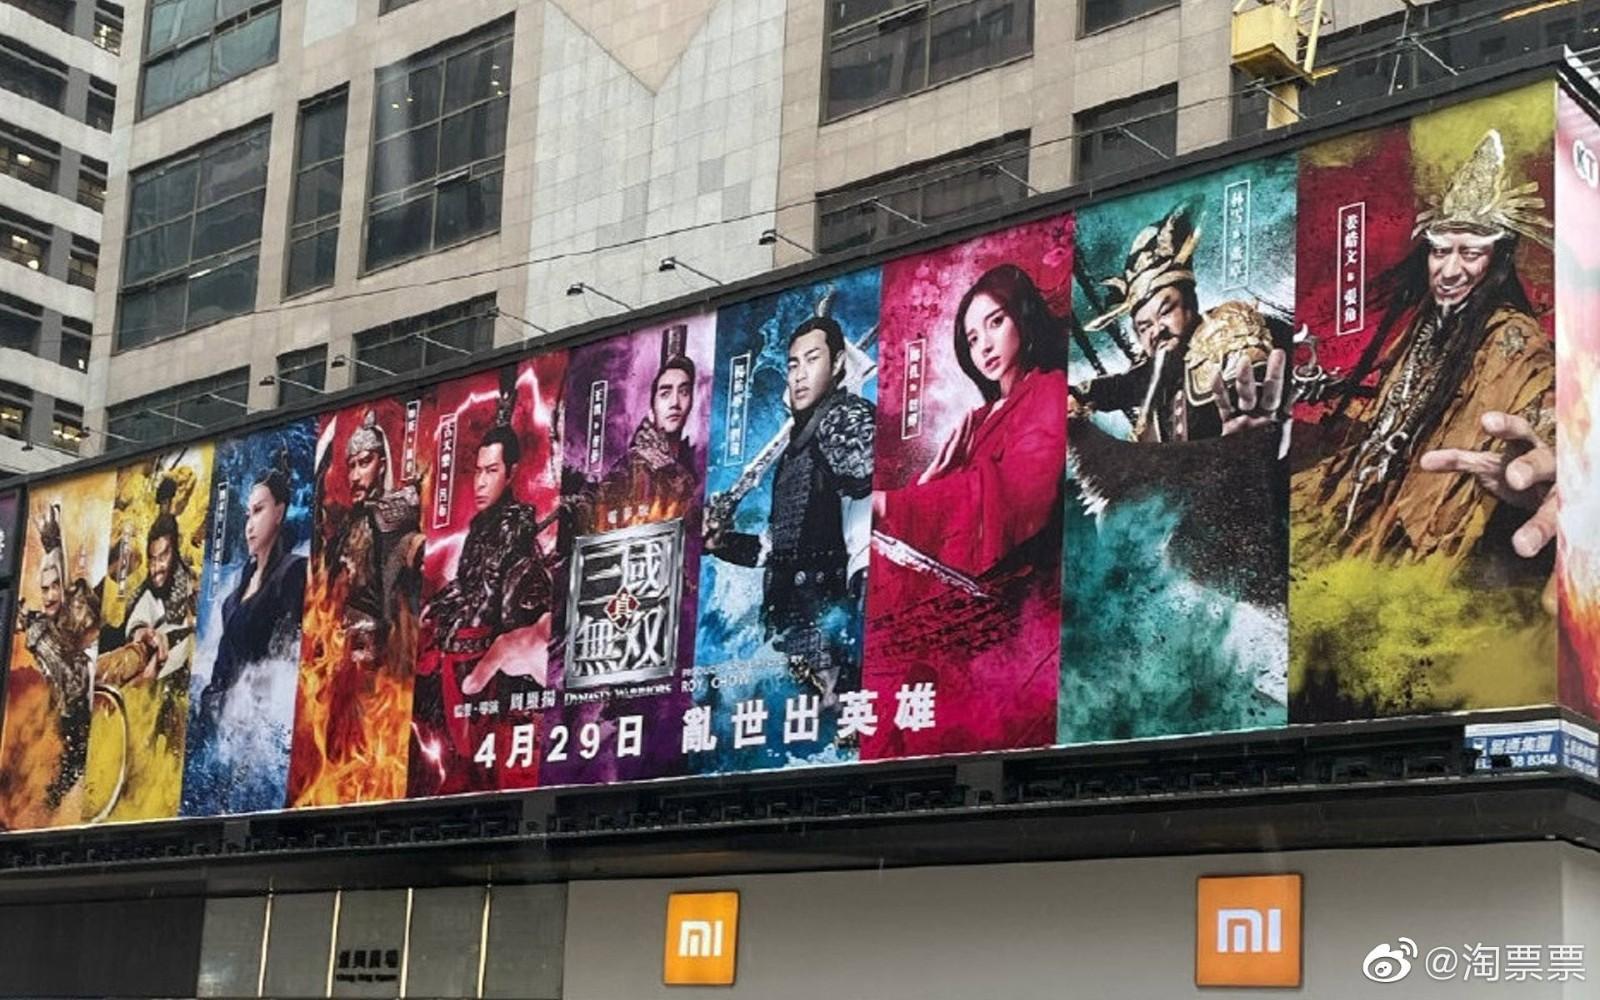 《真三国无双》电影定档4月29日香港上映